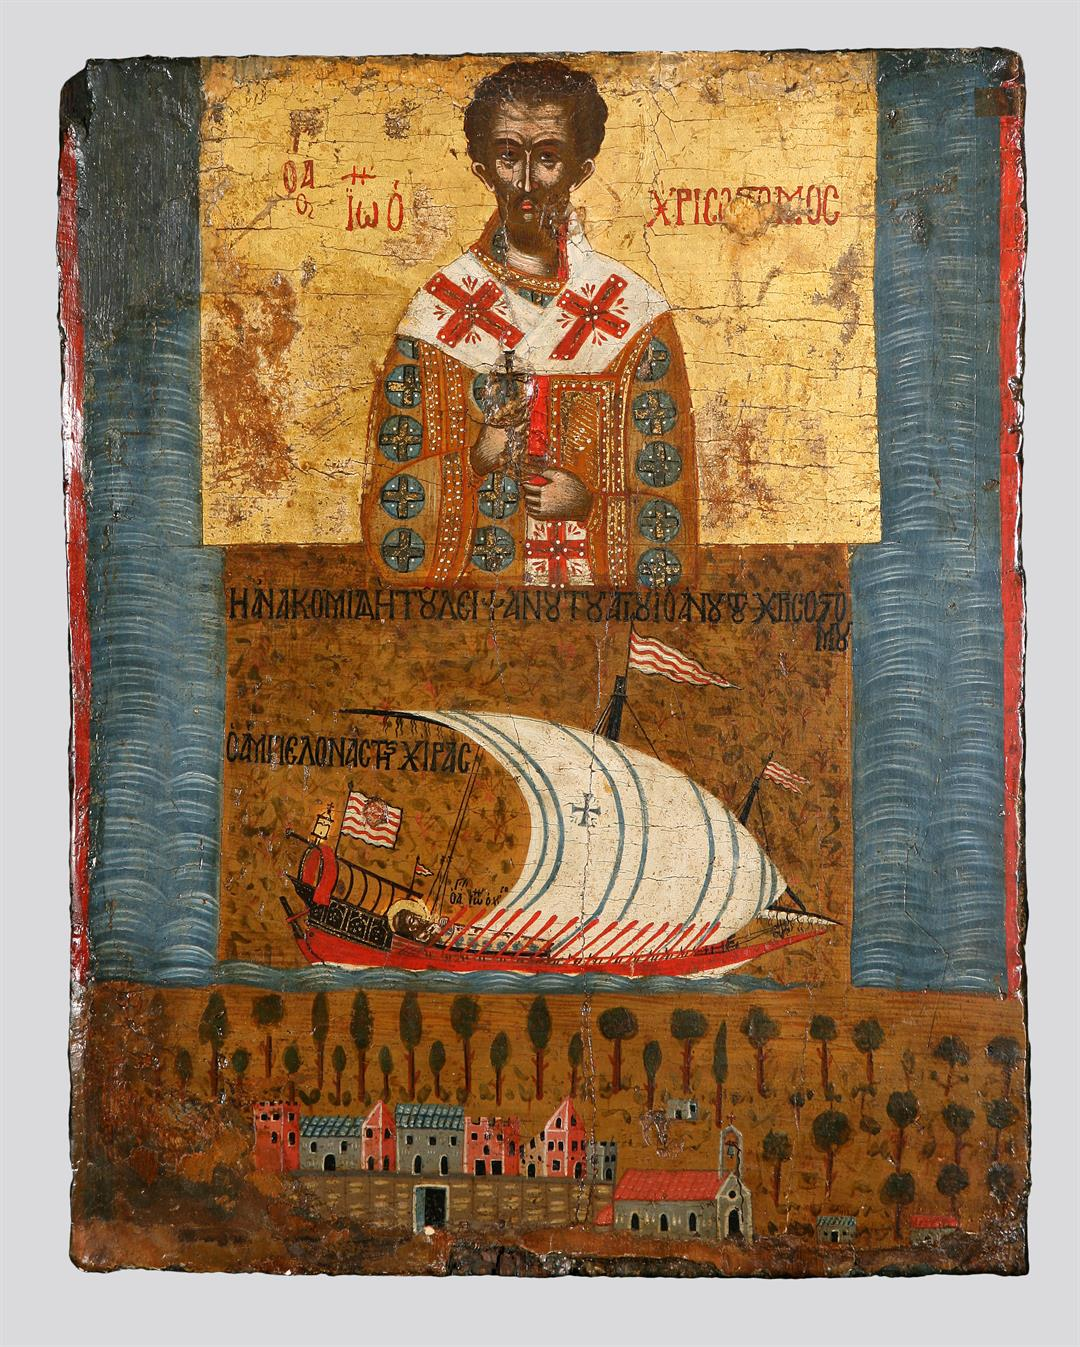 Ο άγιος Ιωάννης ο Χρυσόστομος, ο αμπελώνας της χήρας και η ανακομιδή των λειψάνων του